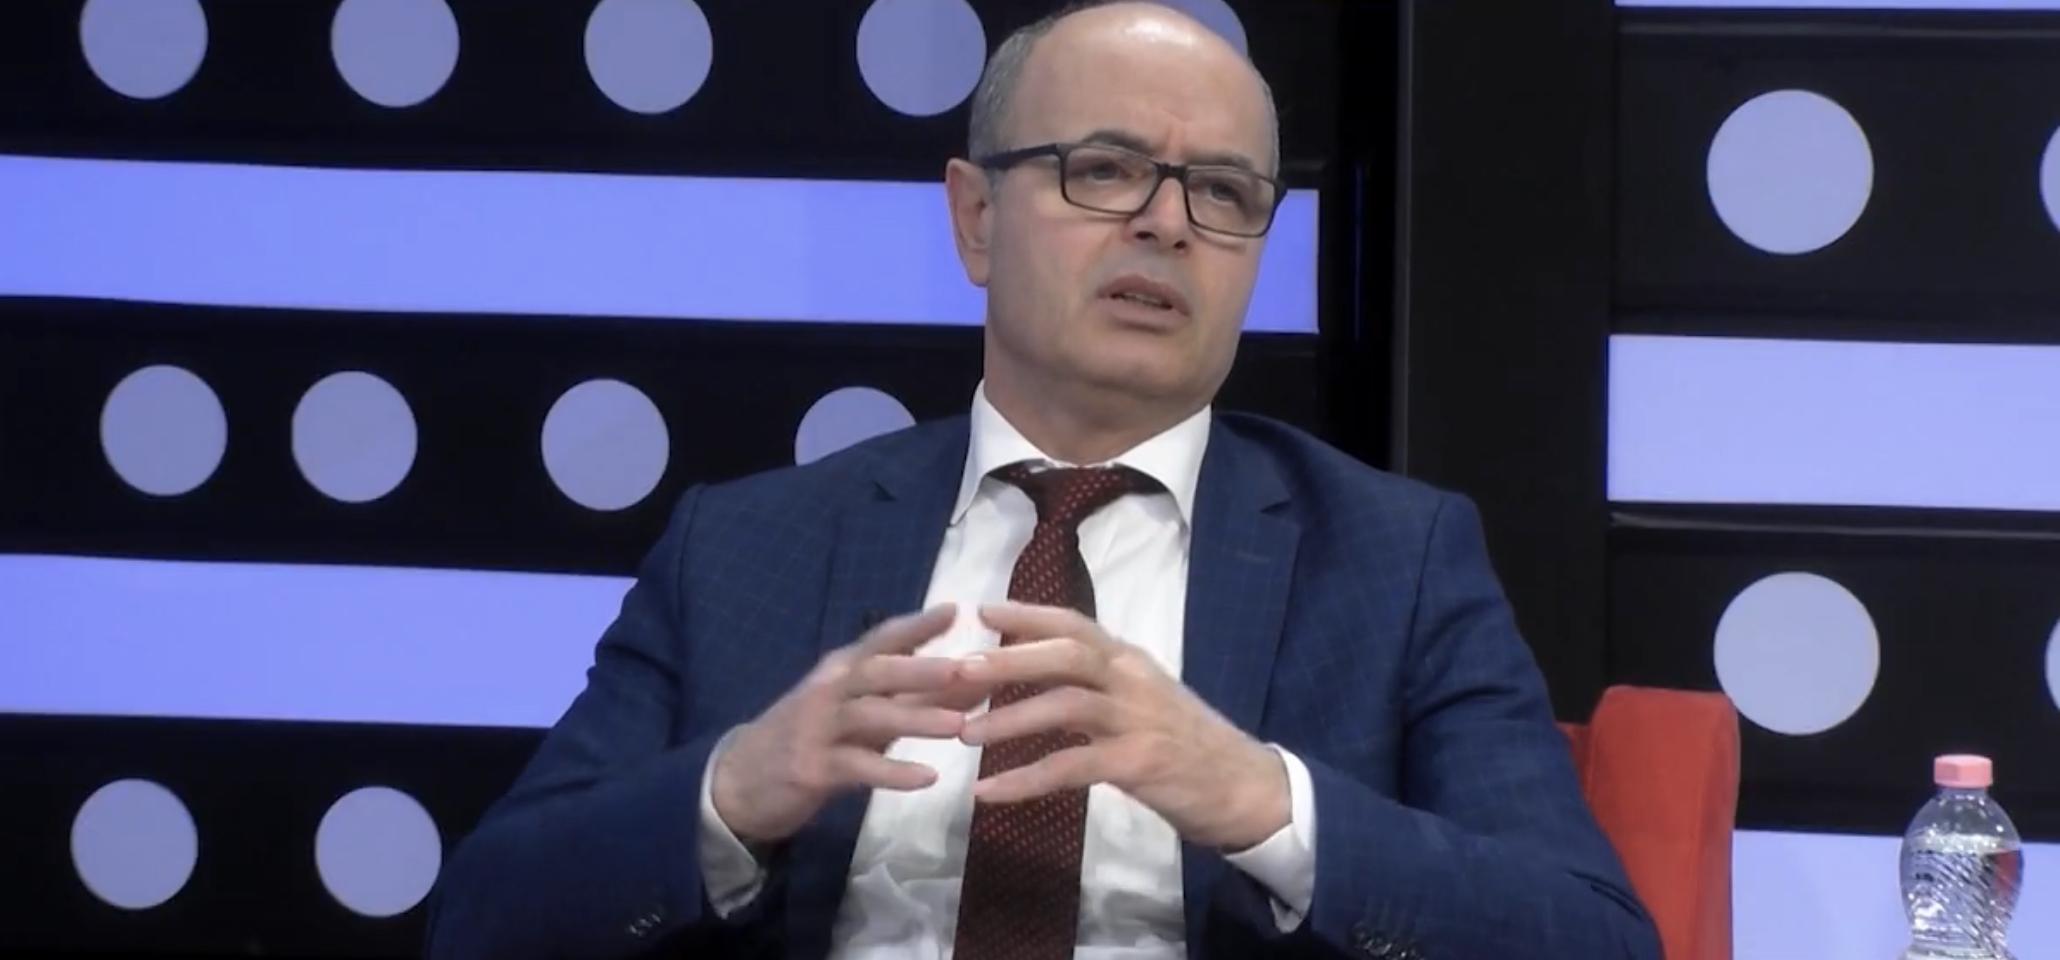 Emërimi i Bledi Çuçit ministër i Brendshëm/ Petro Koçi: Gjetje e goditur, i ka të dy dimensionet politik e teknik!